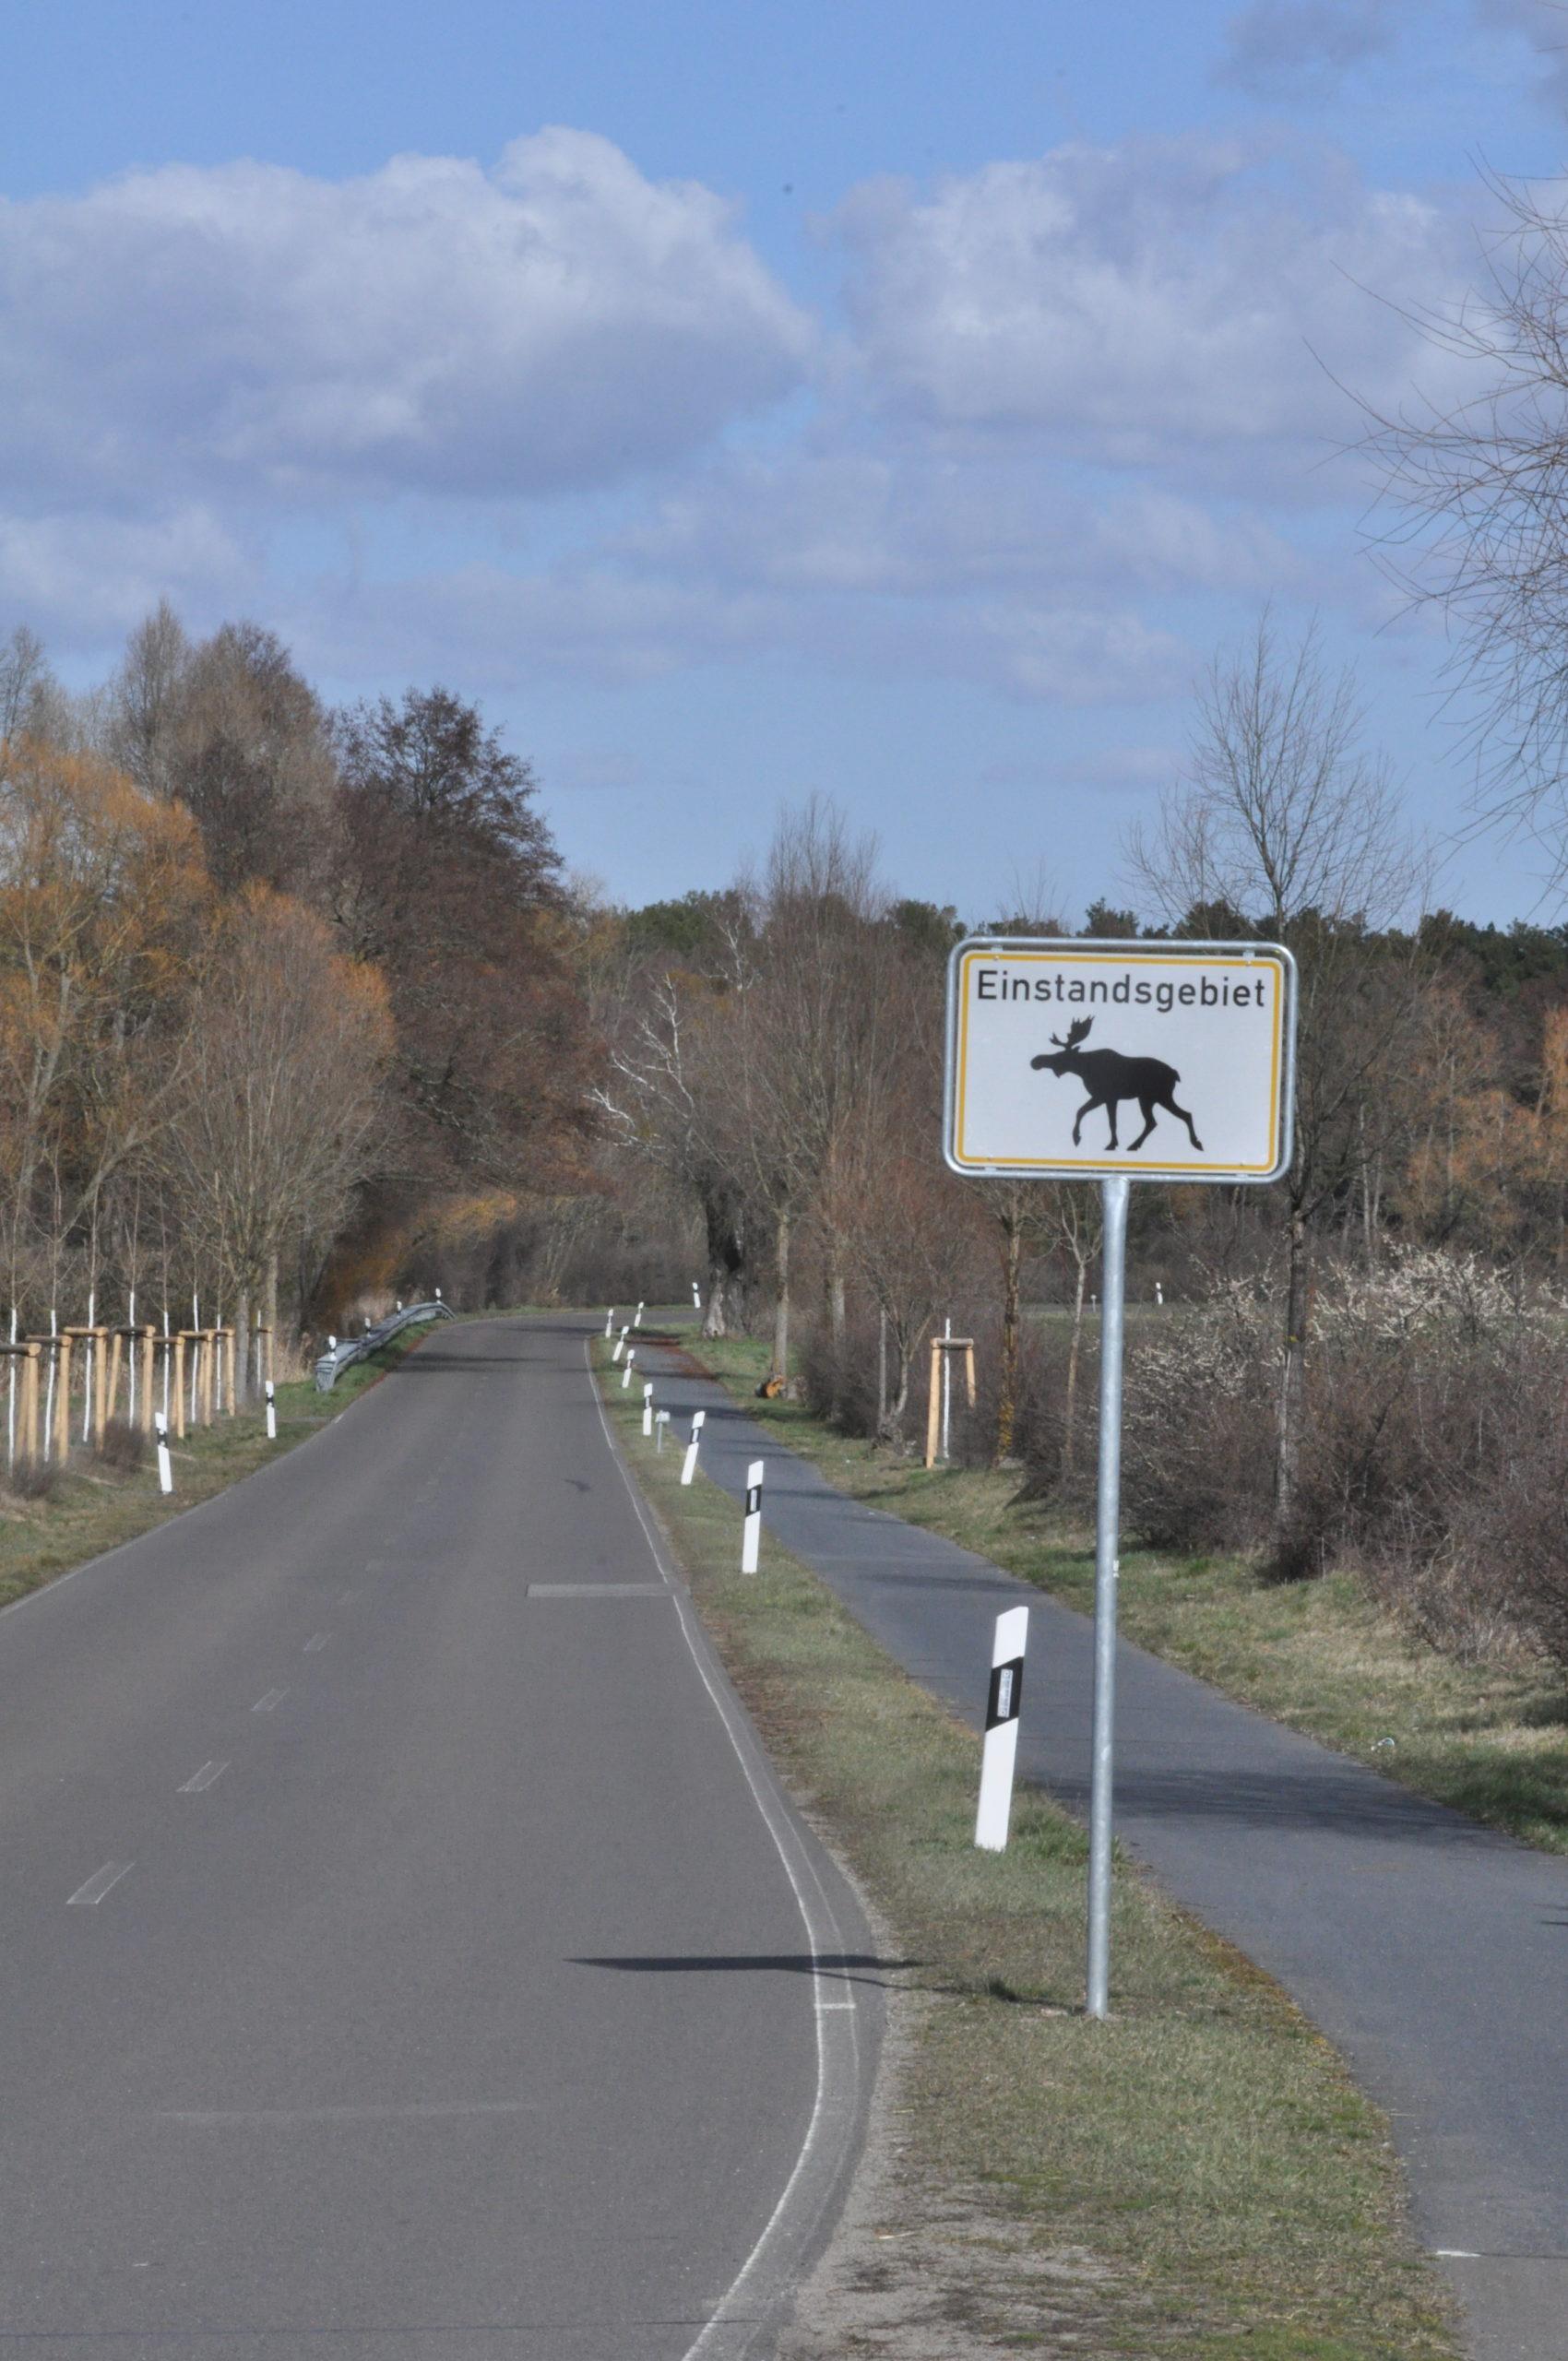 Warnschild in Hennickendorf - Einstandsgebiet des Elches